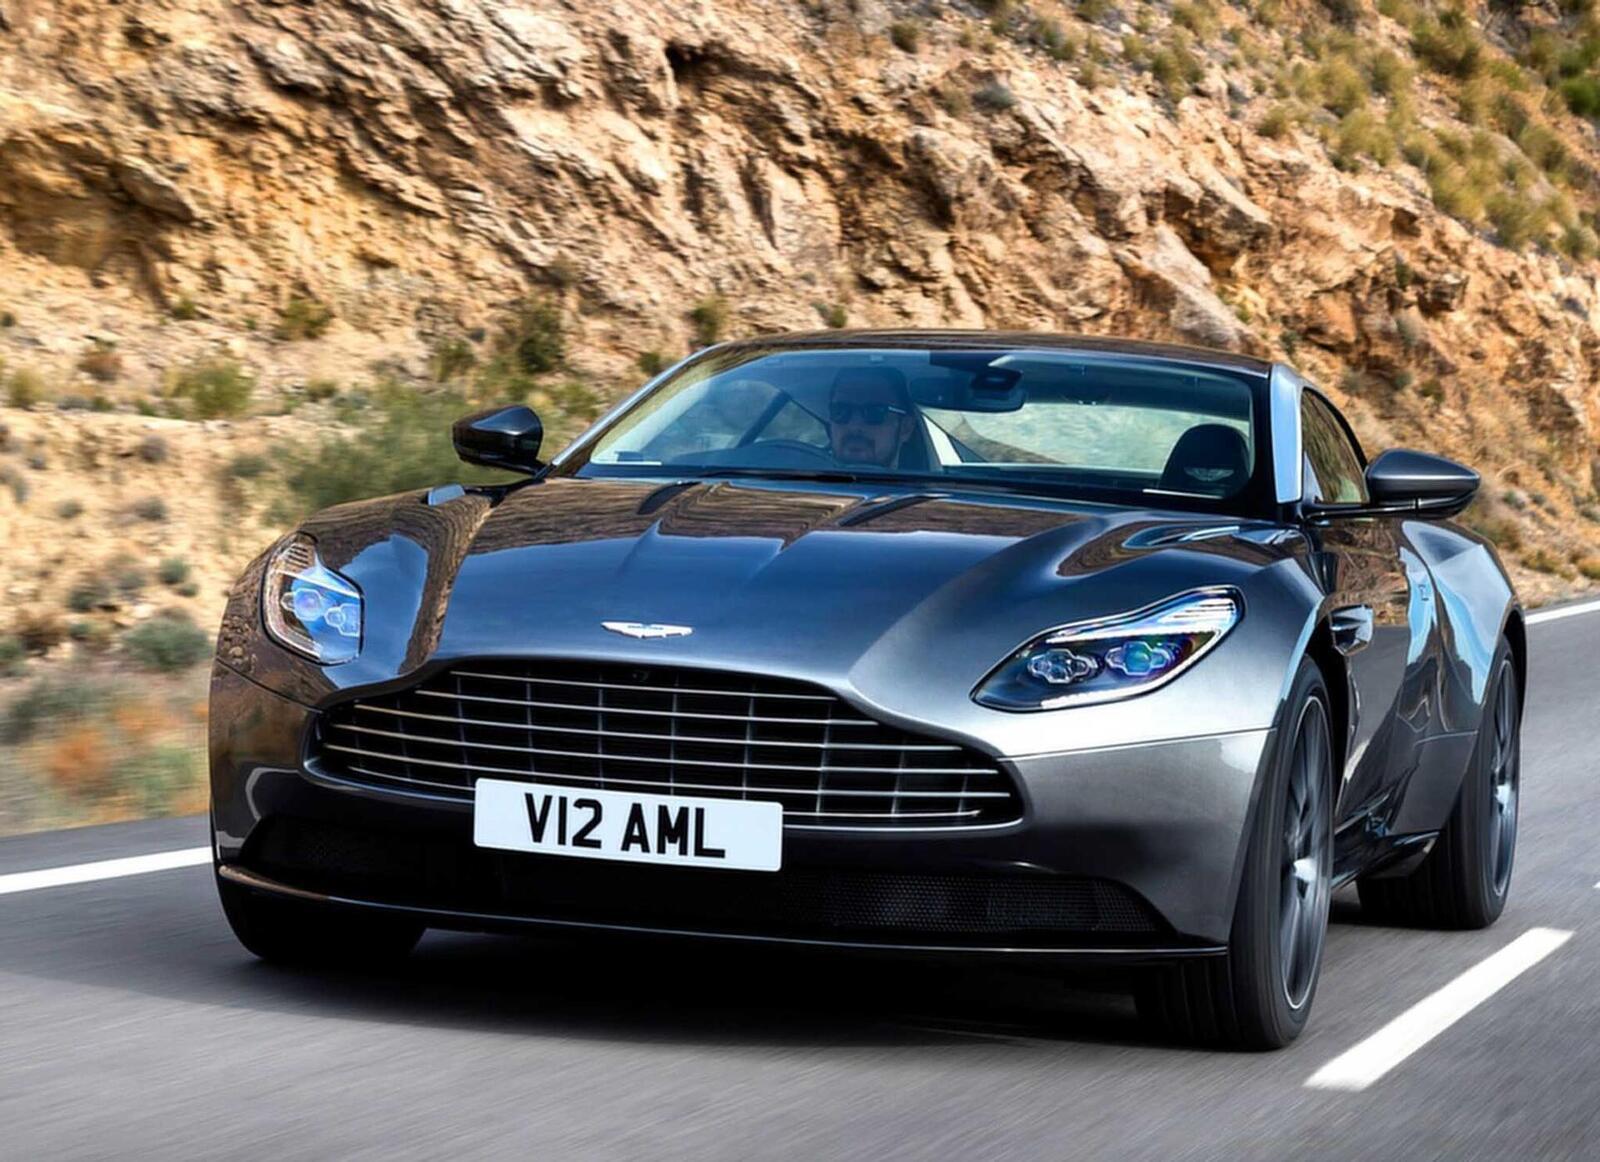 Siêu xe Aston Martin DB11 về Việt Nam; xe nhập chính hãng - Hình 4